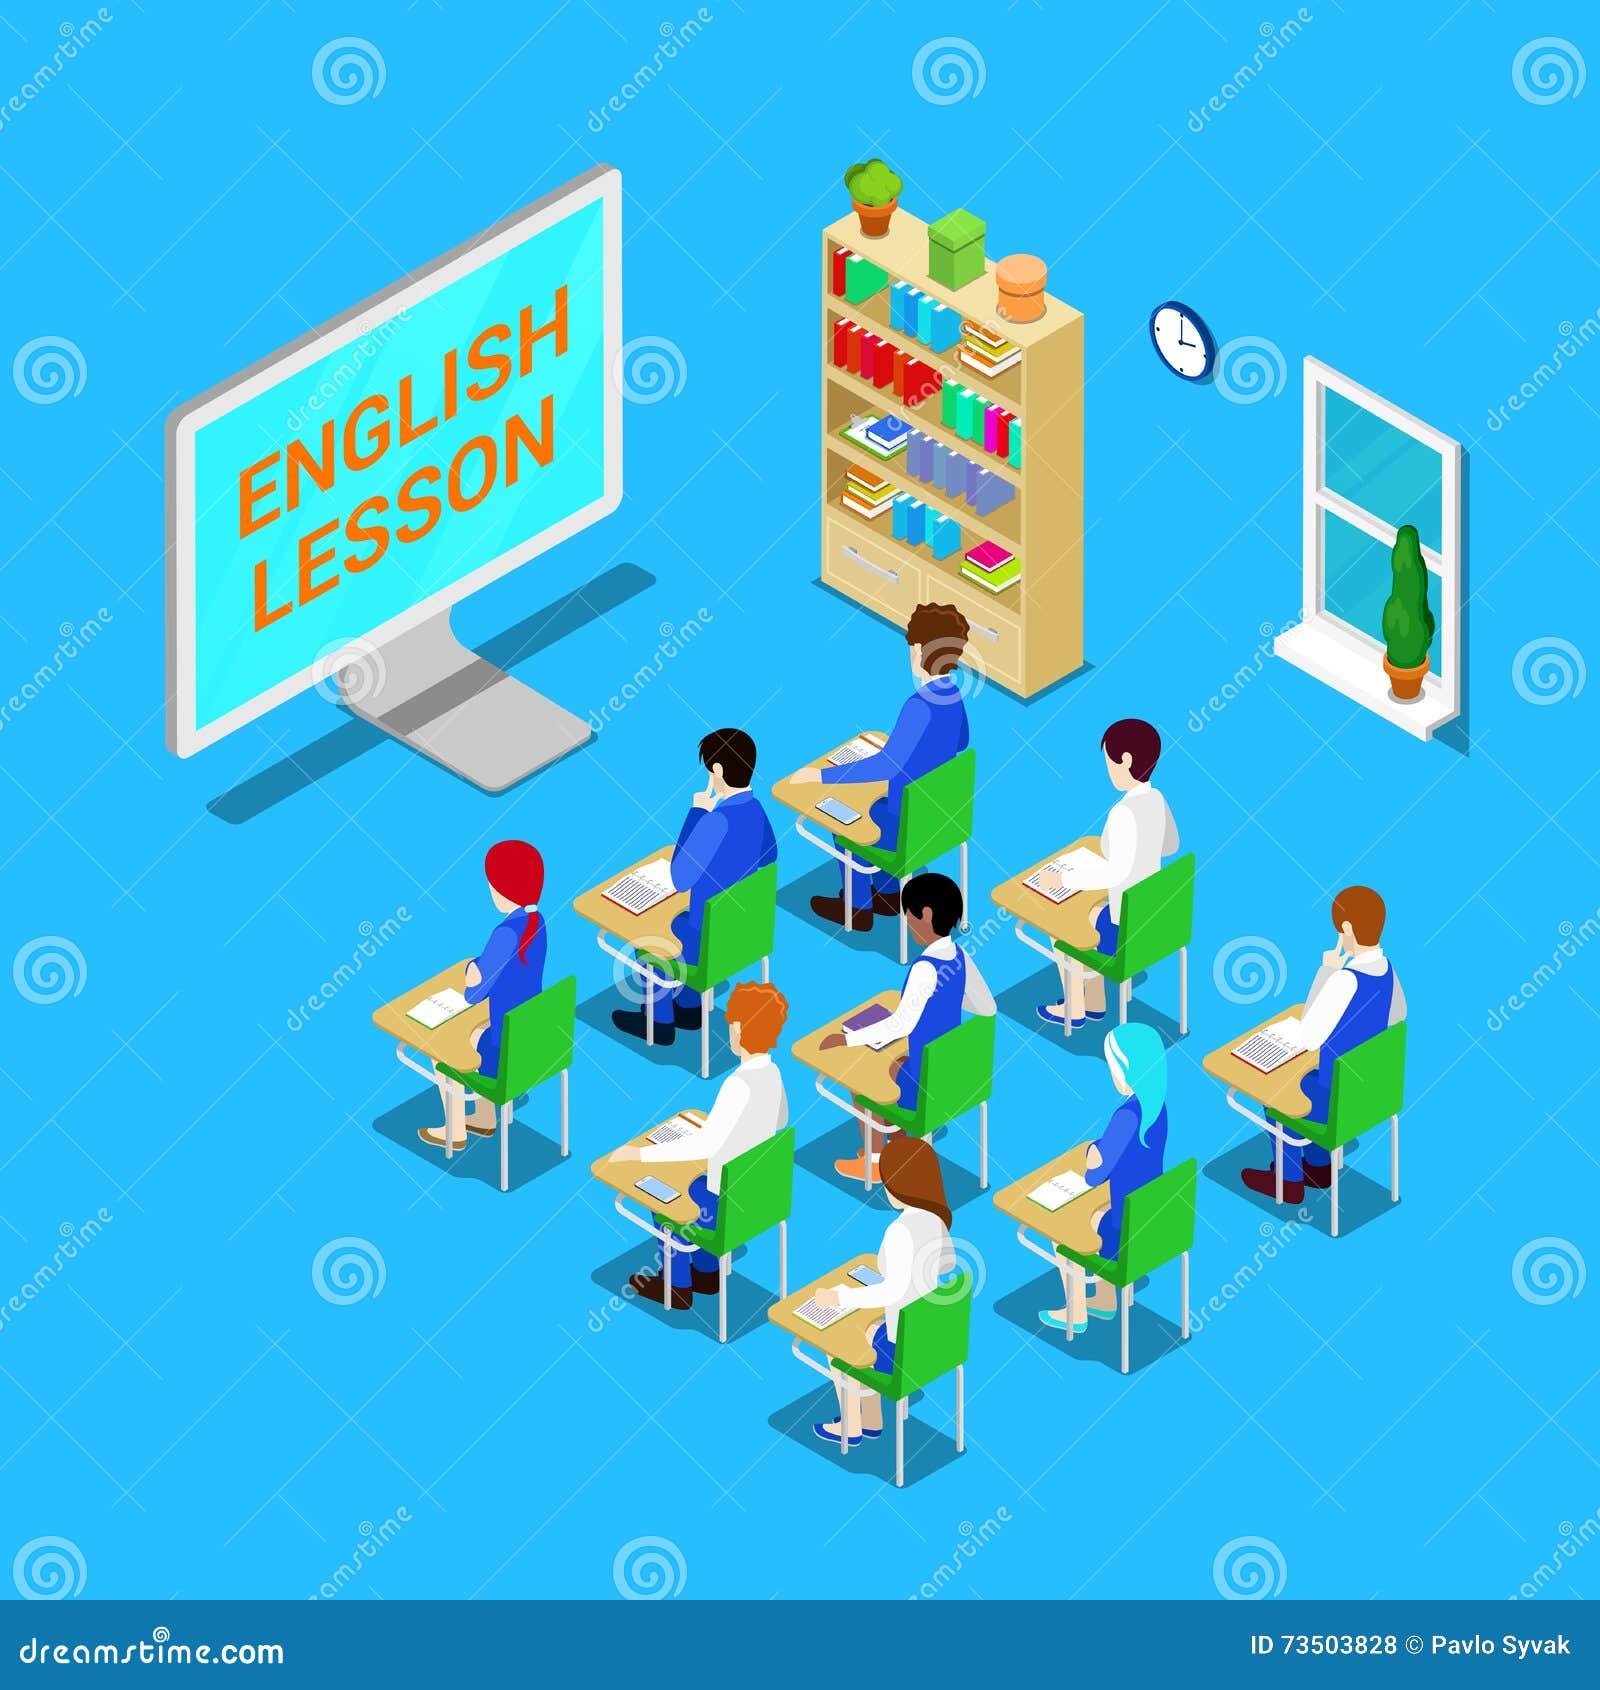 Maus und Buch Isometrisches Klassenzimmer mit Studenten auf englischer Lektion Vektor